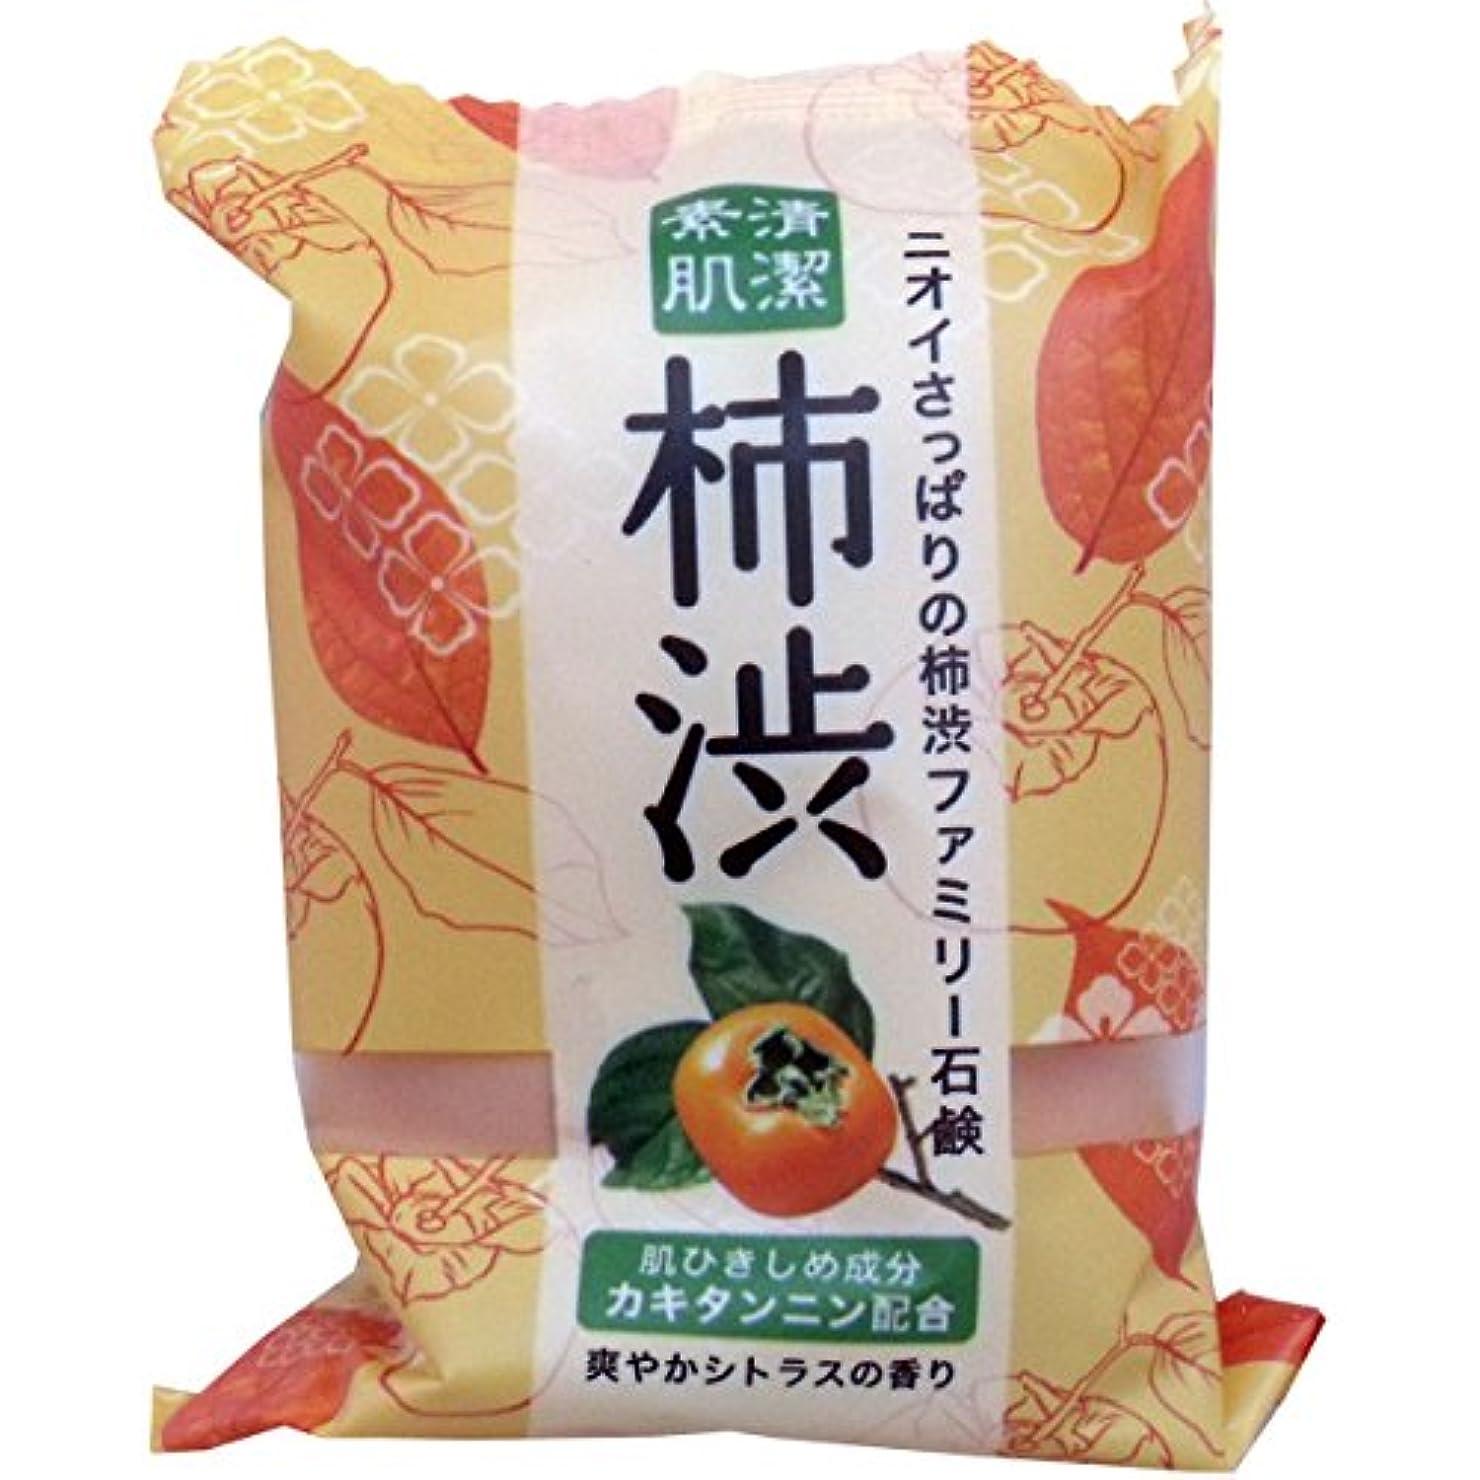 僕の敬意器用ペリカン石鹸 ファミリー柿渋石鹸(1個) ×2セット